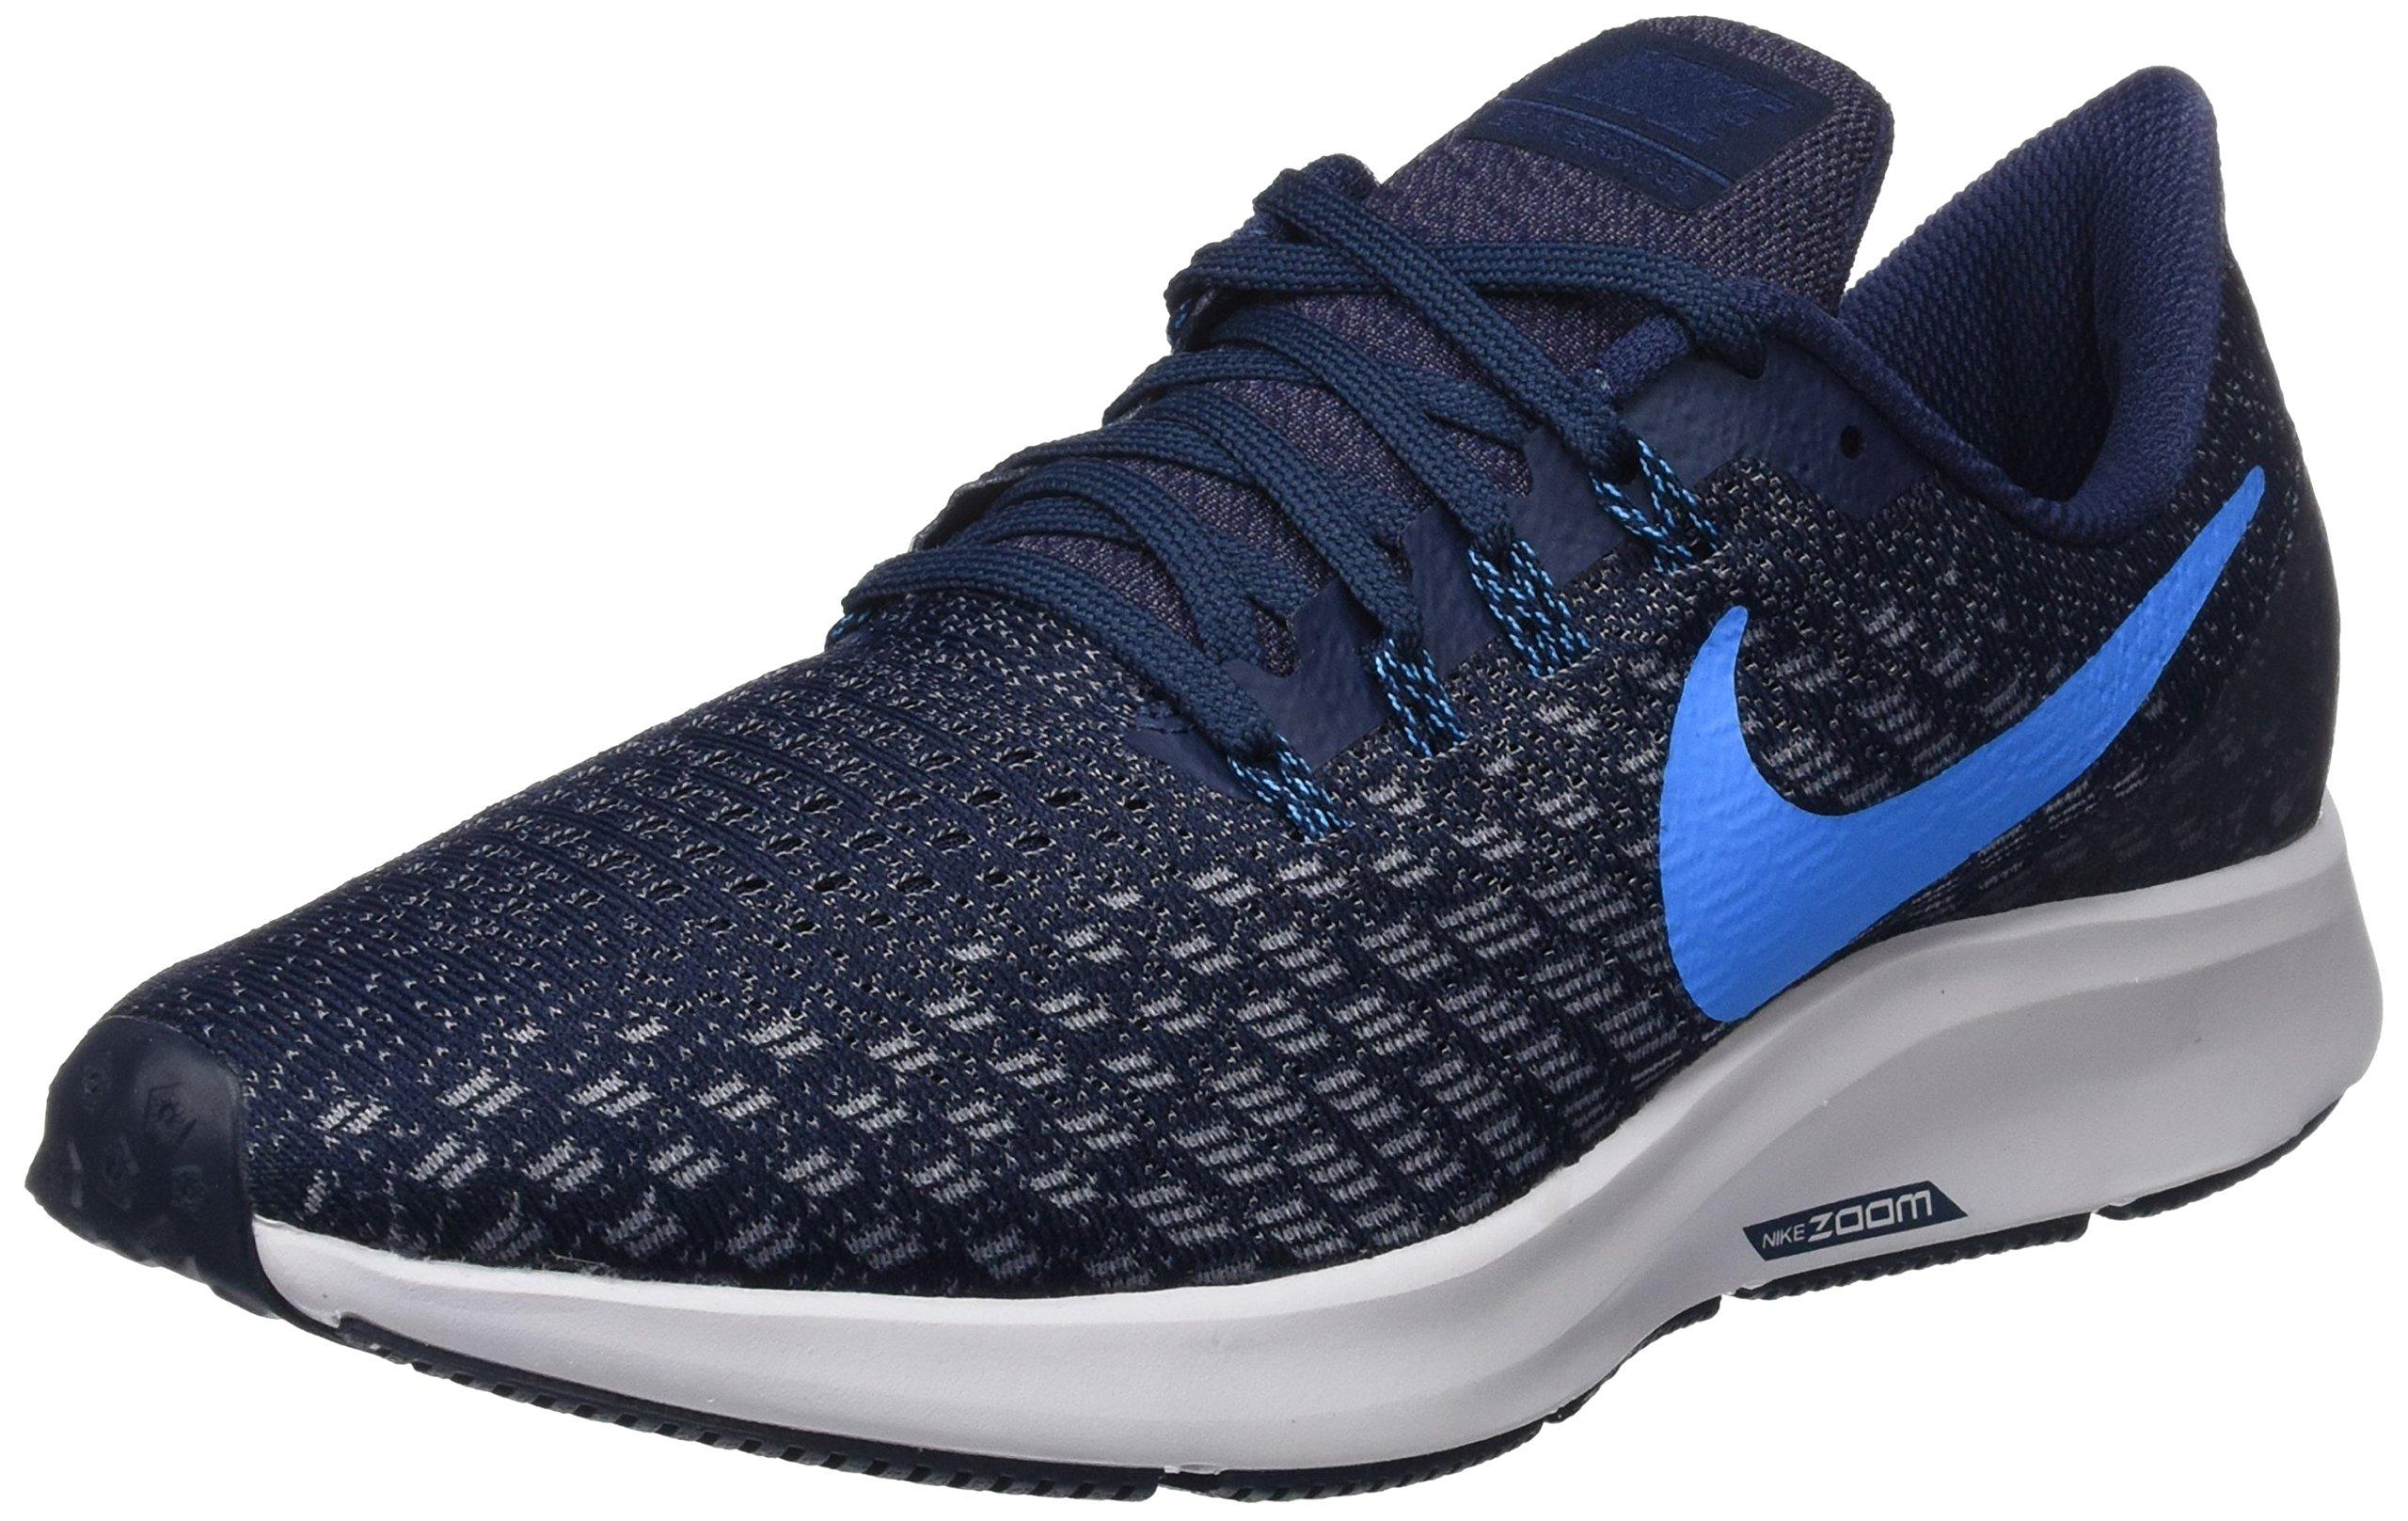 Nike Men's Air Zoom Pegasus 35 Running Shoe Obsidian/Blue Hero/Gunsmoke/Vast Grey Size 9 M US